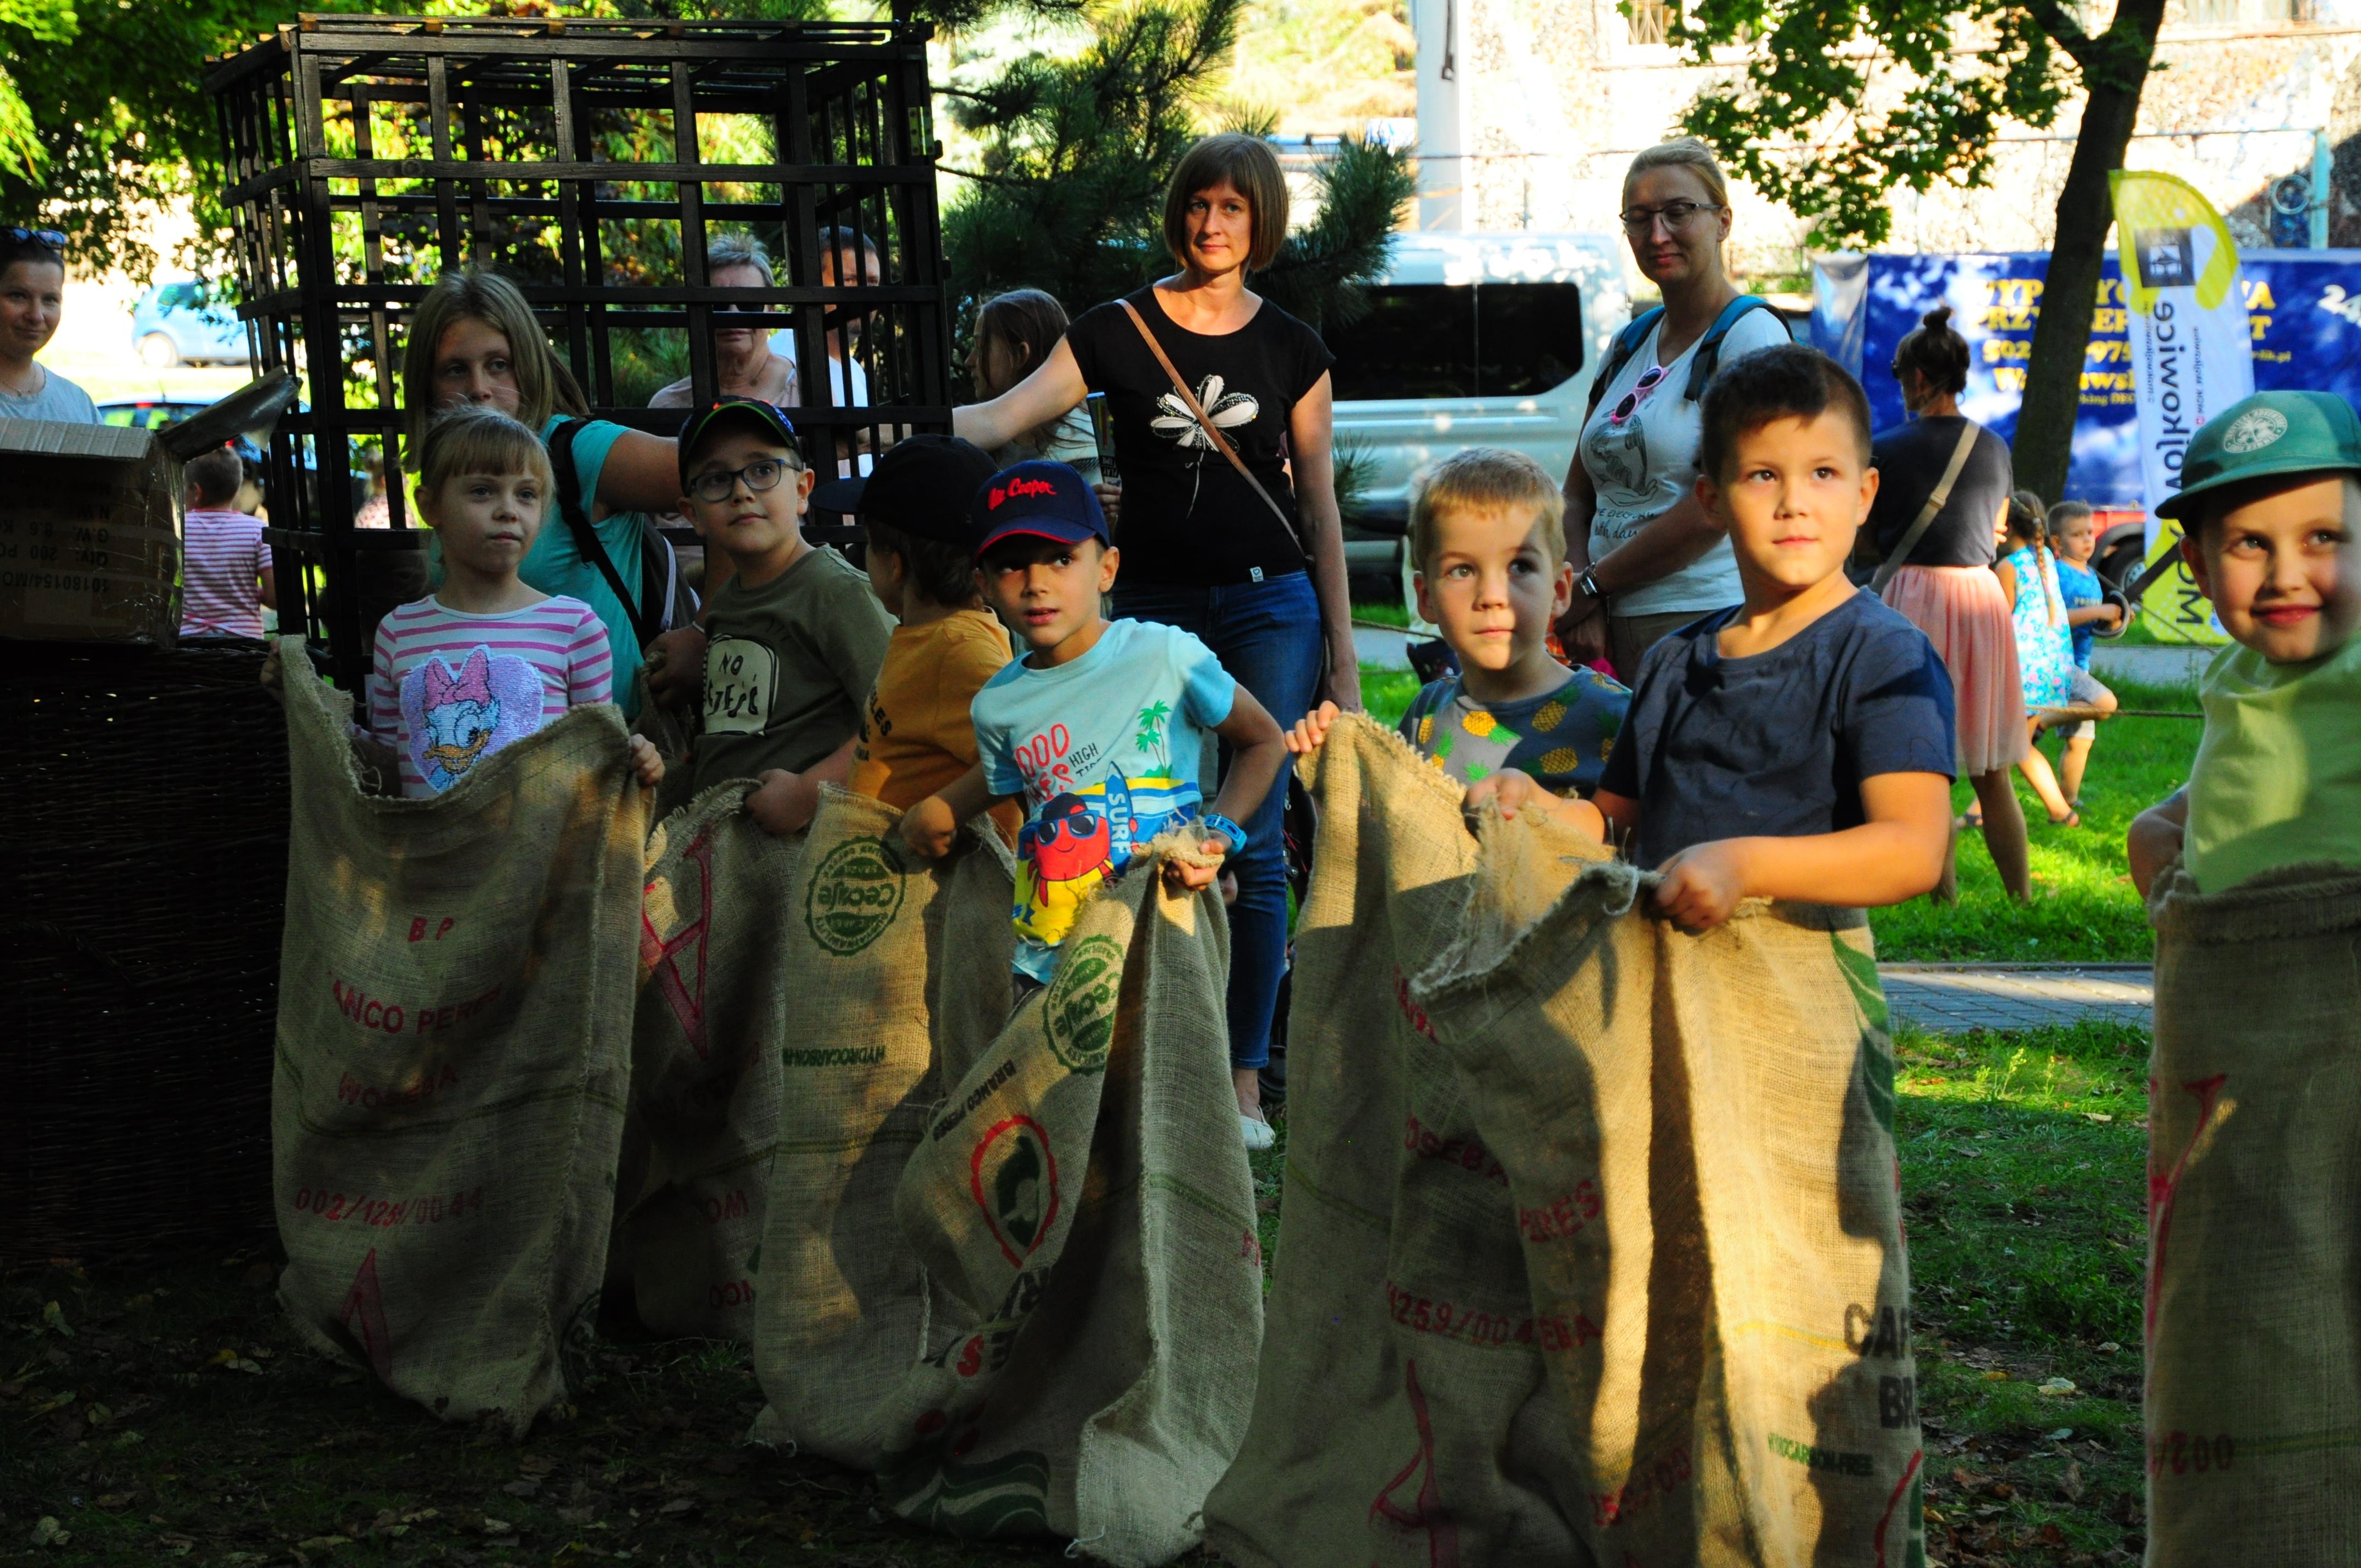 Uczestnicy podczas pikniku pirackiego w Parku Miejskim w Wojkowicach